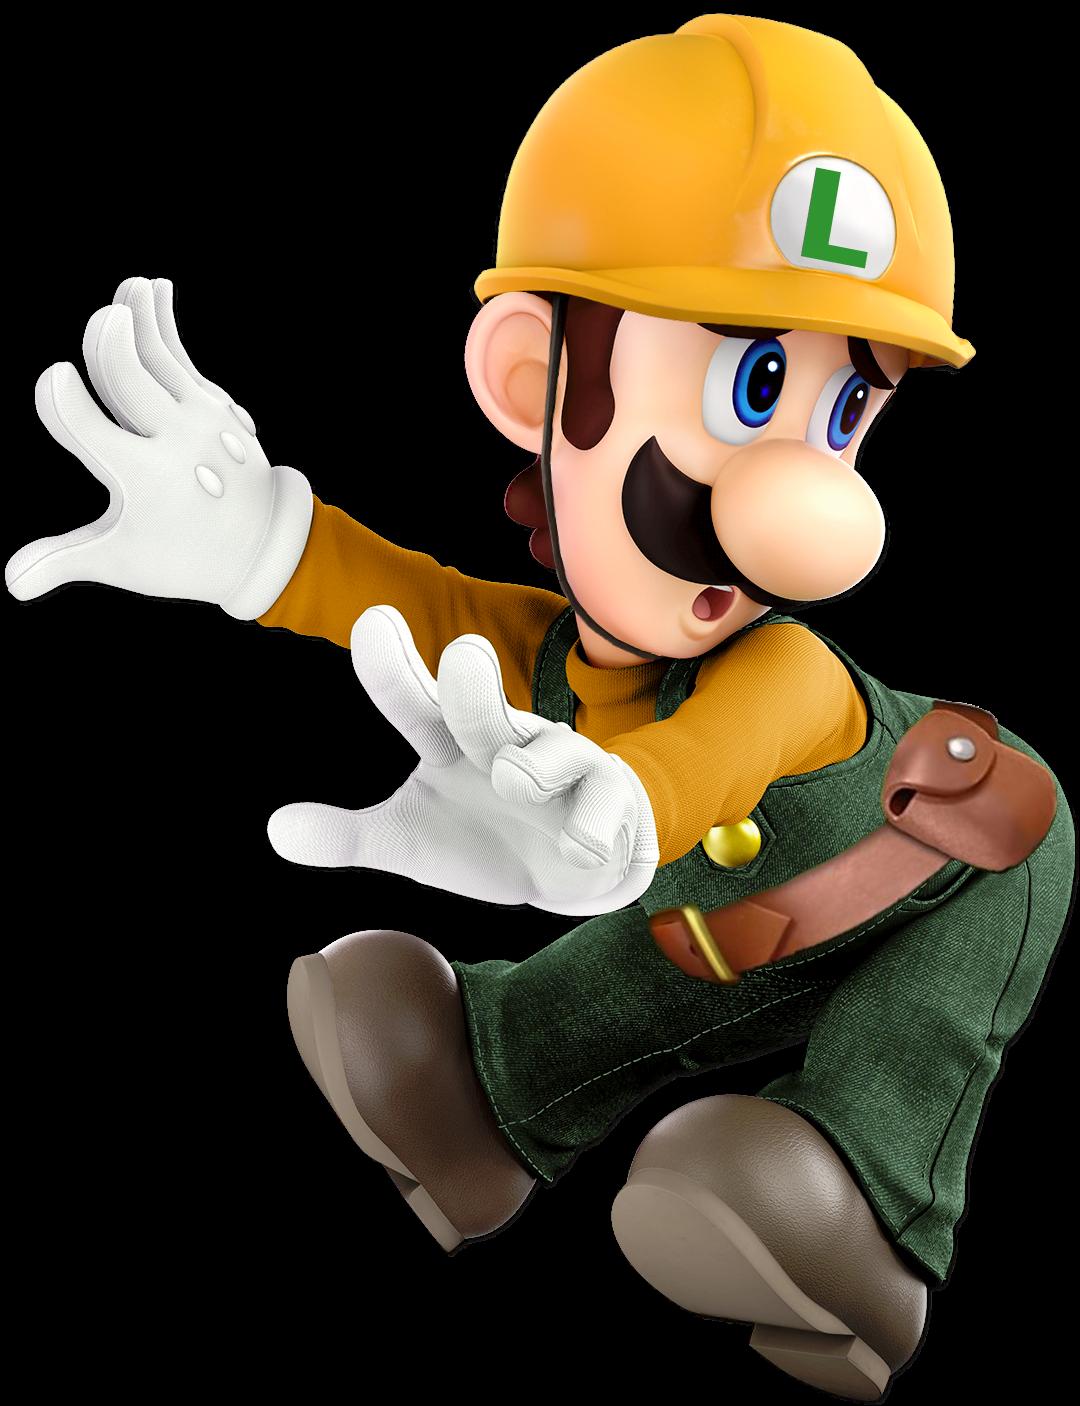 Builder Luigi Super Smash Bros Ultimate By Mariobrosnet On Deviantart Super Mario Art Smash Bros Super Smash Bros